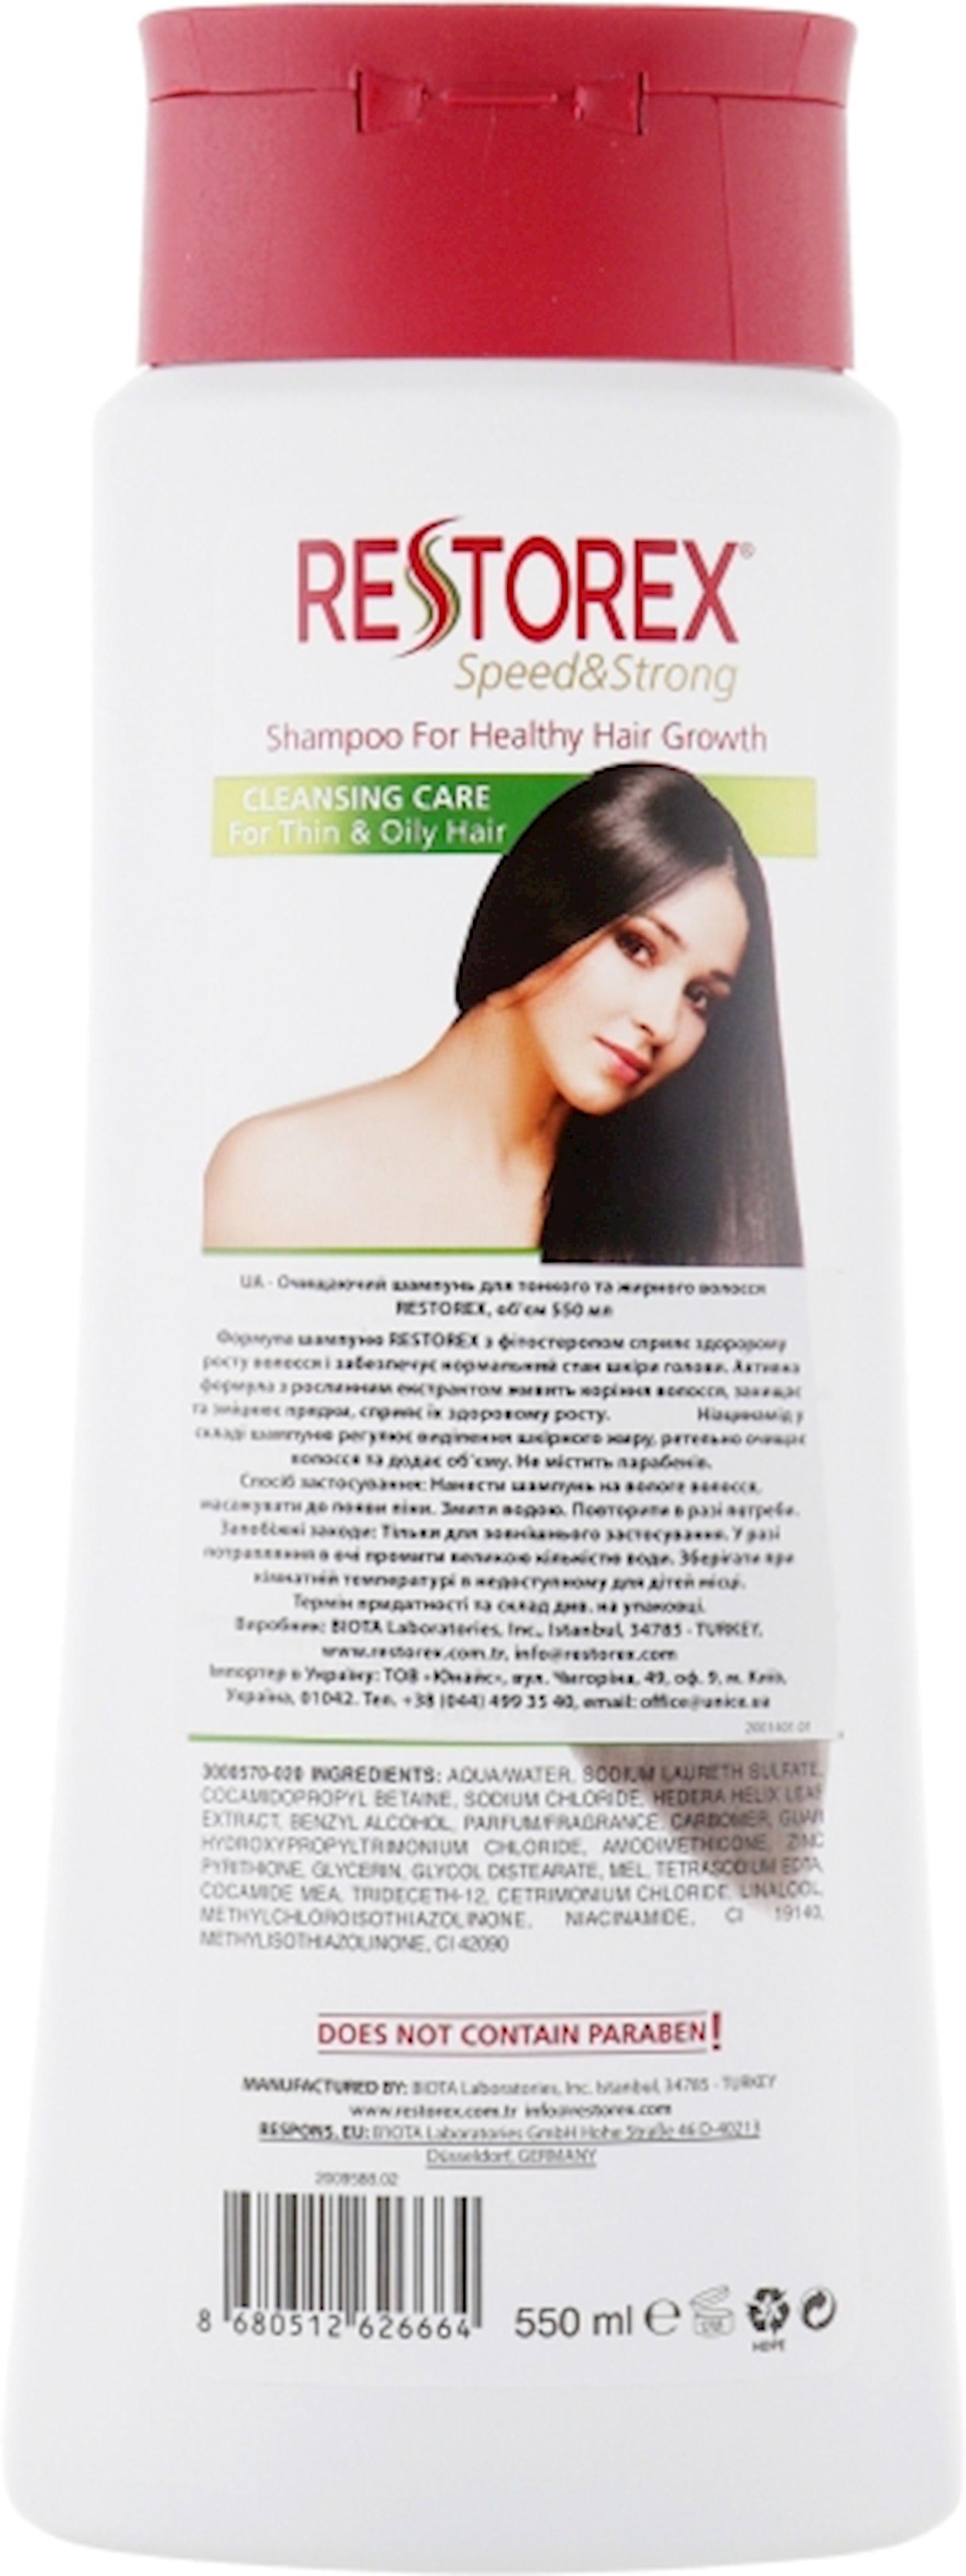 Şampun Restorex nazik və yağlı saçlar üçün 500 ml